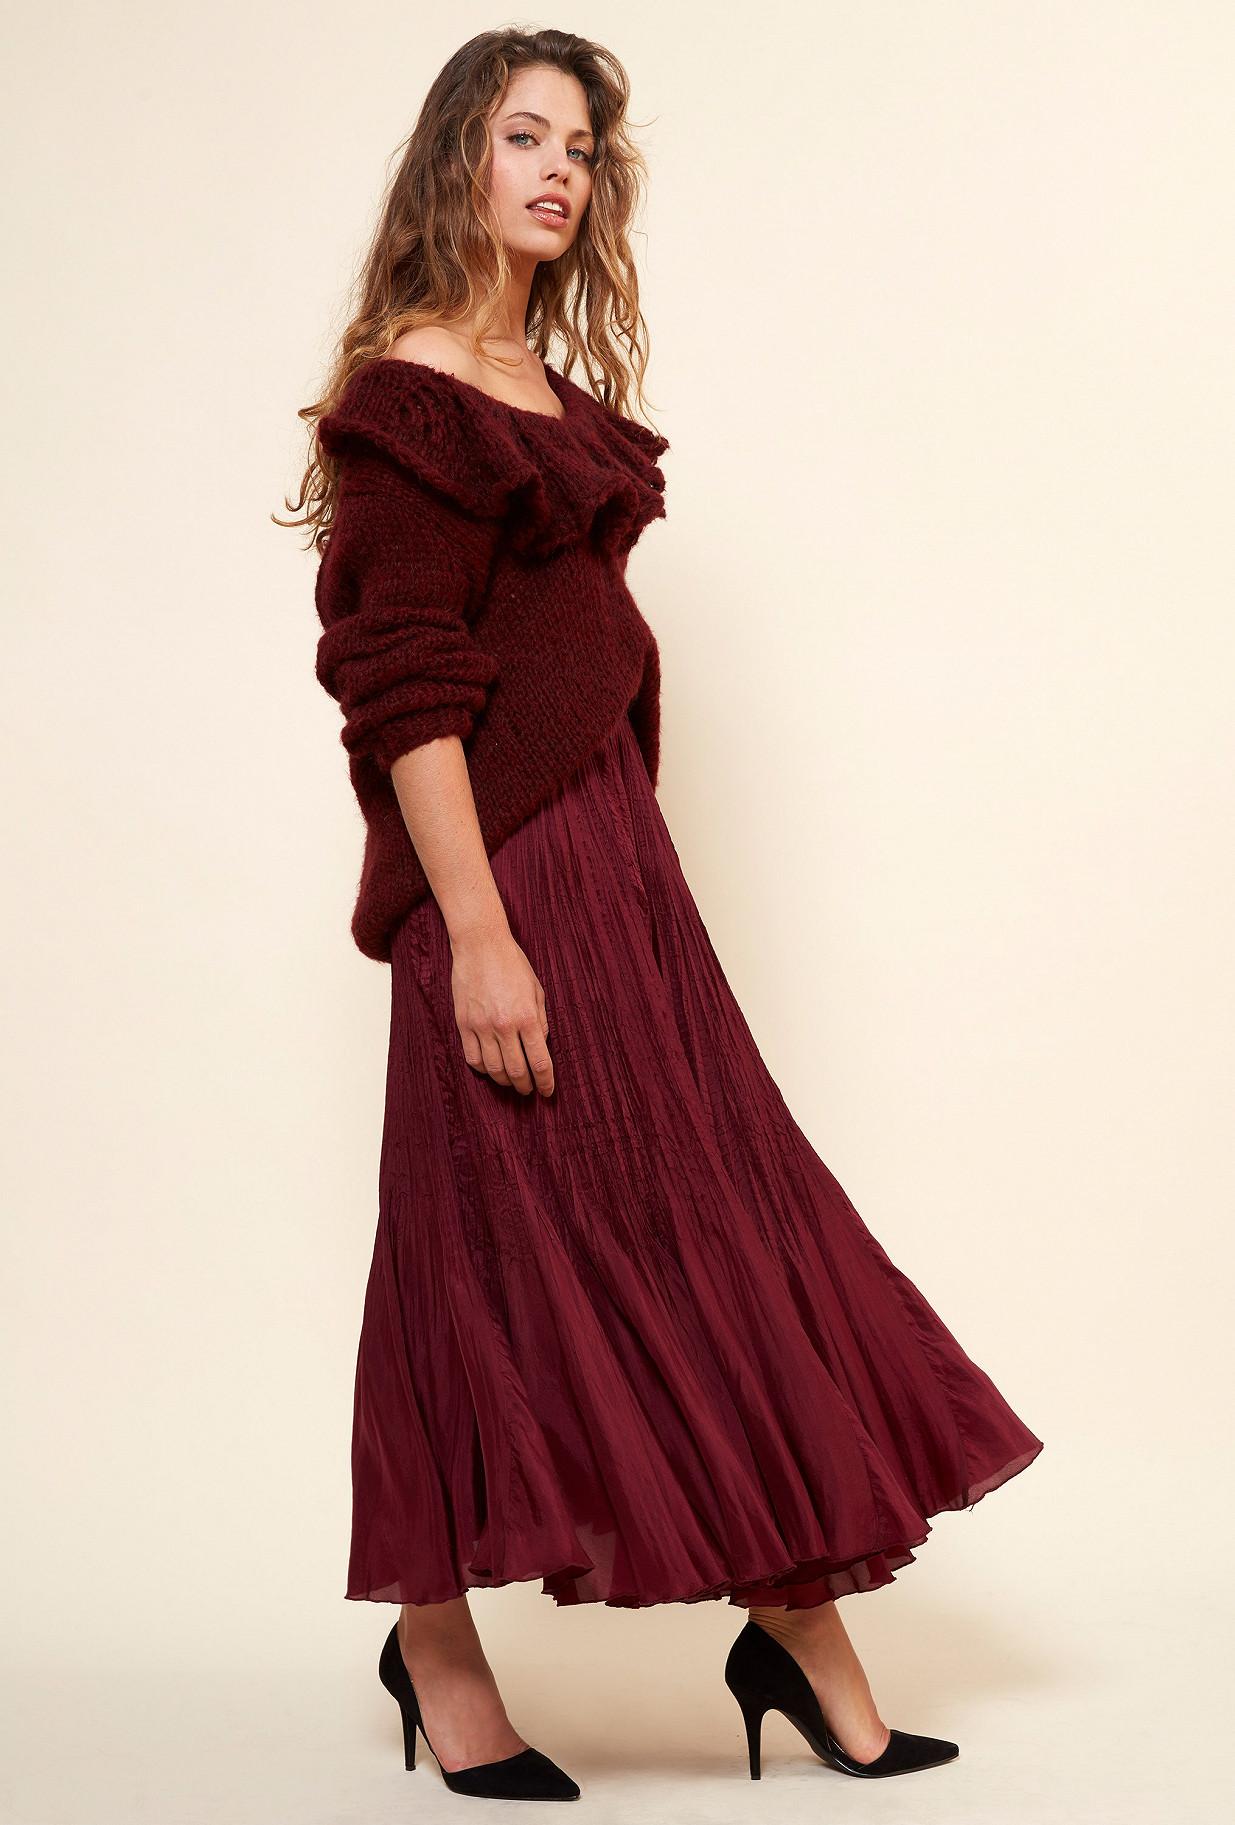 Maille Rouge  Frisco mes demoiselles paris vêtement femme paris